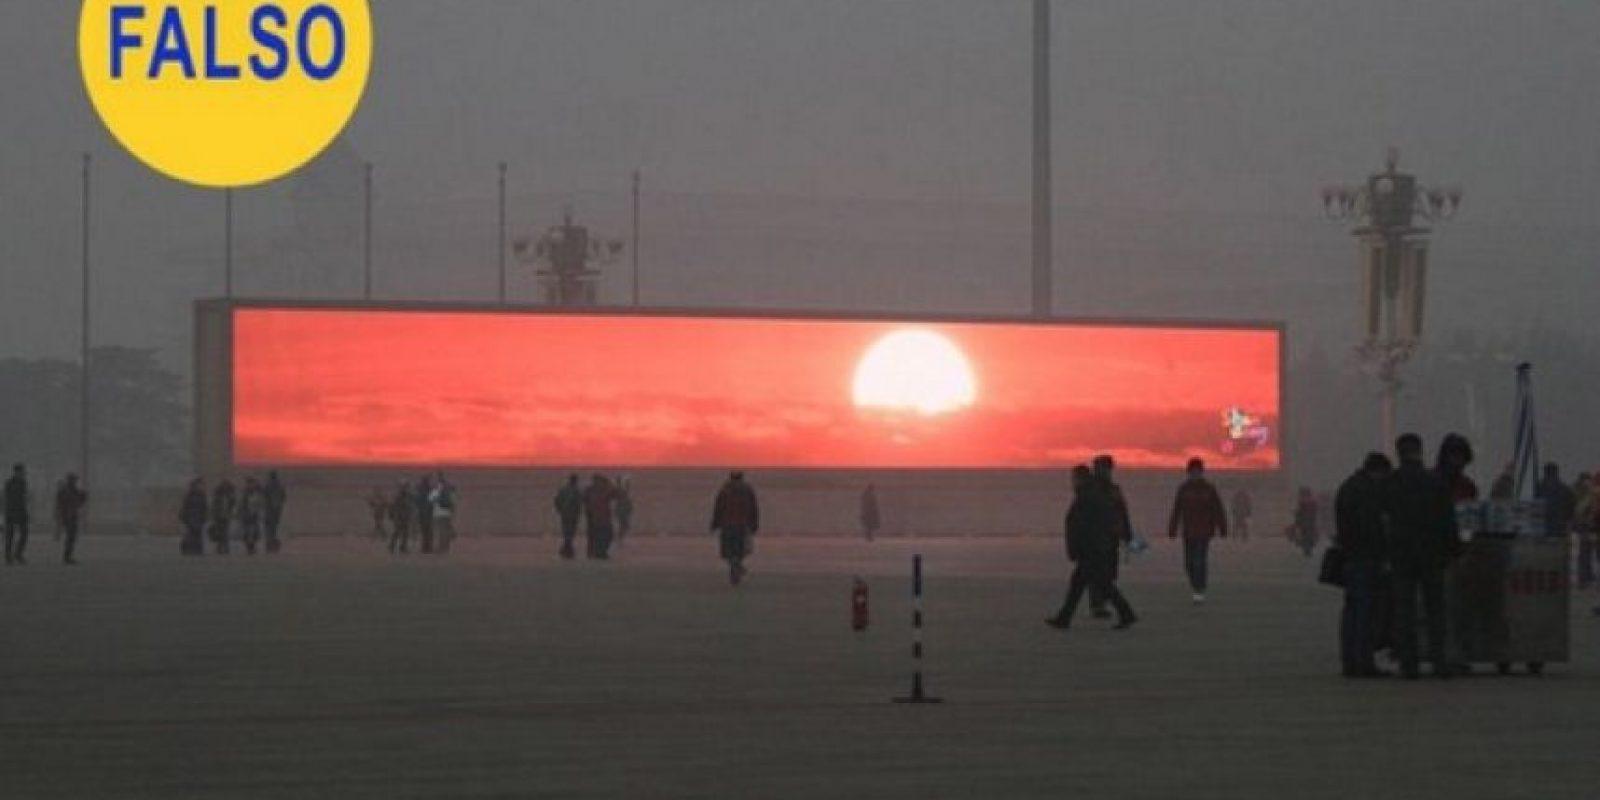 Los falsos atardeceres de Pekín: Que Pekín tiene un grave problema de contaminación atmosférica es un dato de sobra conocido, pero que la solución sea que el gobierno haya instalado pantallas gigantes para que los habitantes de la ciudad puedan ver amaneceres es falso, de acuerdo al sitio Tech In Asia. Foto:Flickr – Archivo